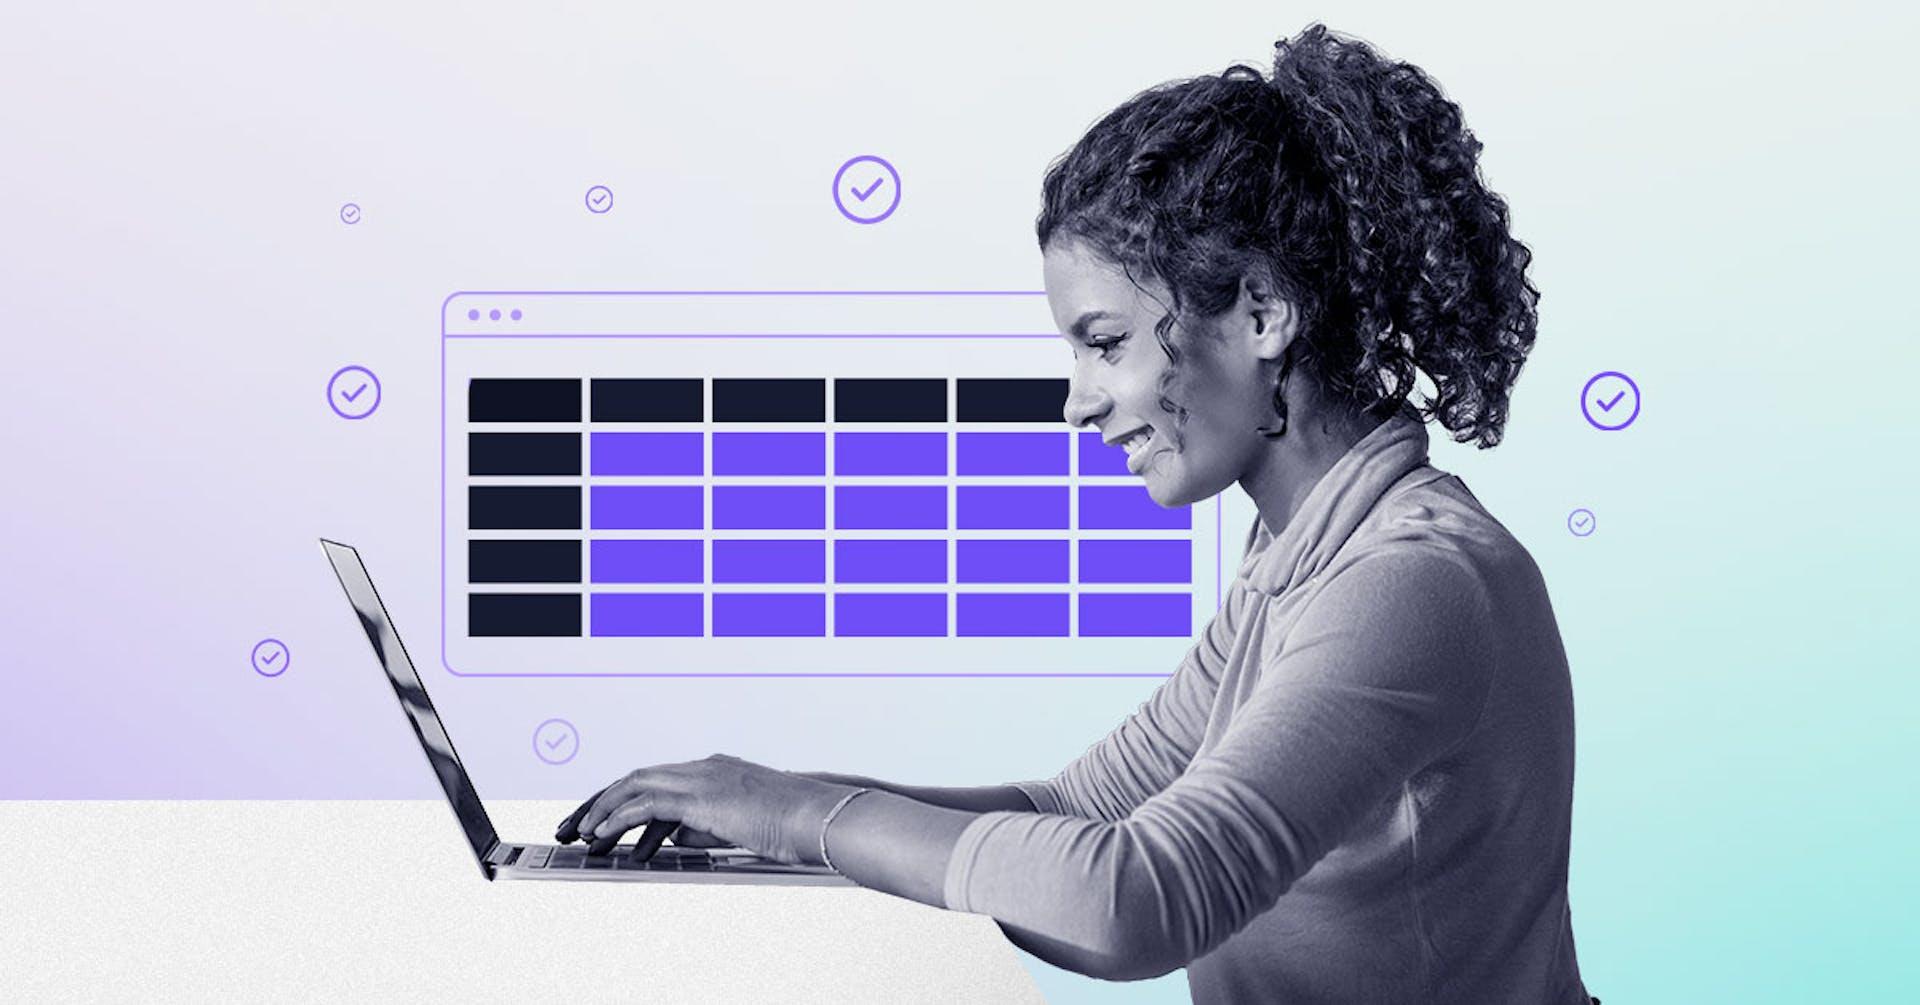 Empieza a normalizar tu base de datos y agiliza la operación de tus proyectos